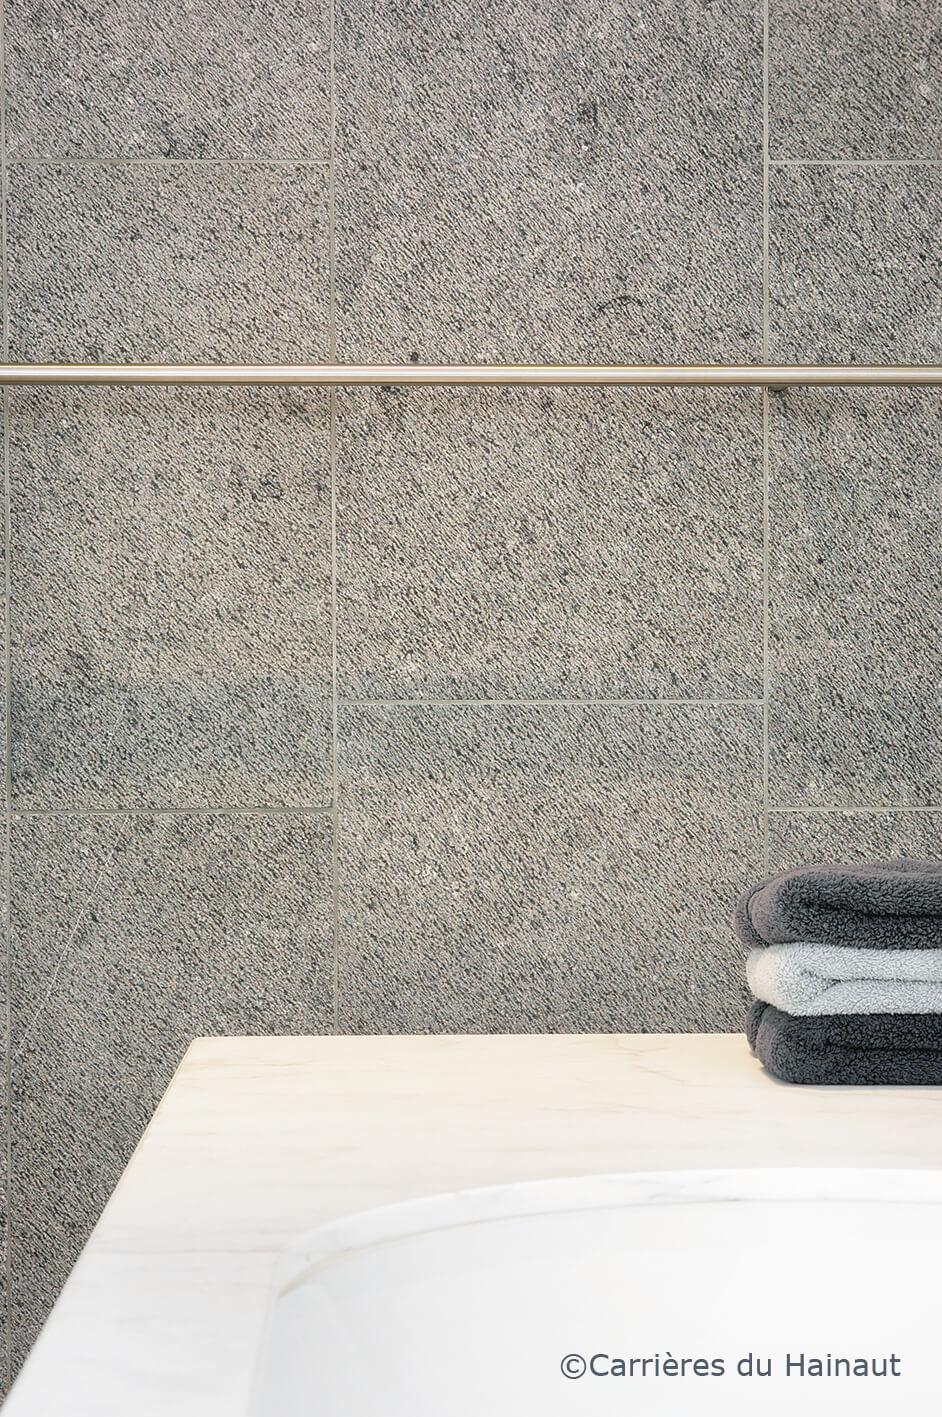 Mur dalles pierre bleue finition taille ancienne